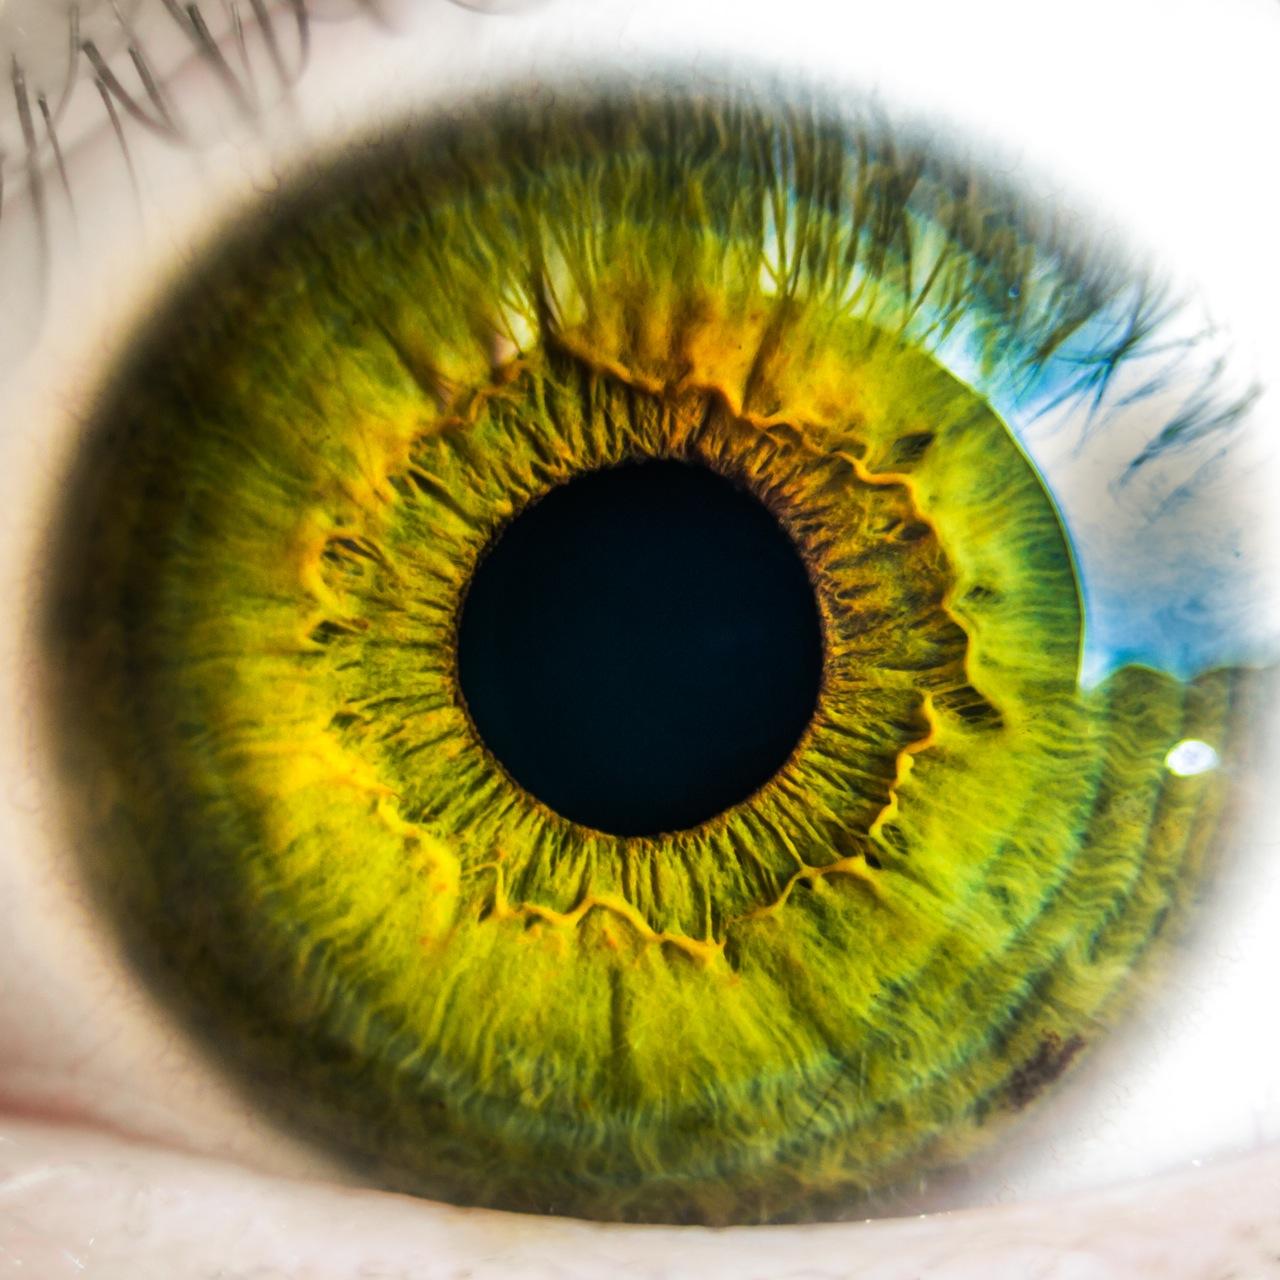 صورة اقسام العين ووظائفها , شرح مكونات العين الداخليه والخارجيه